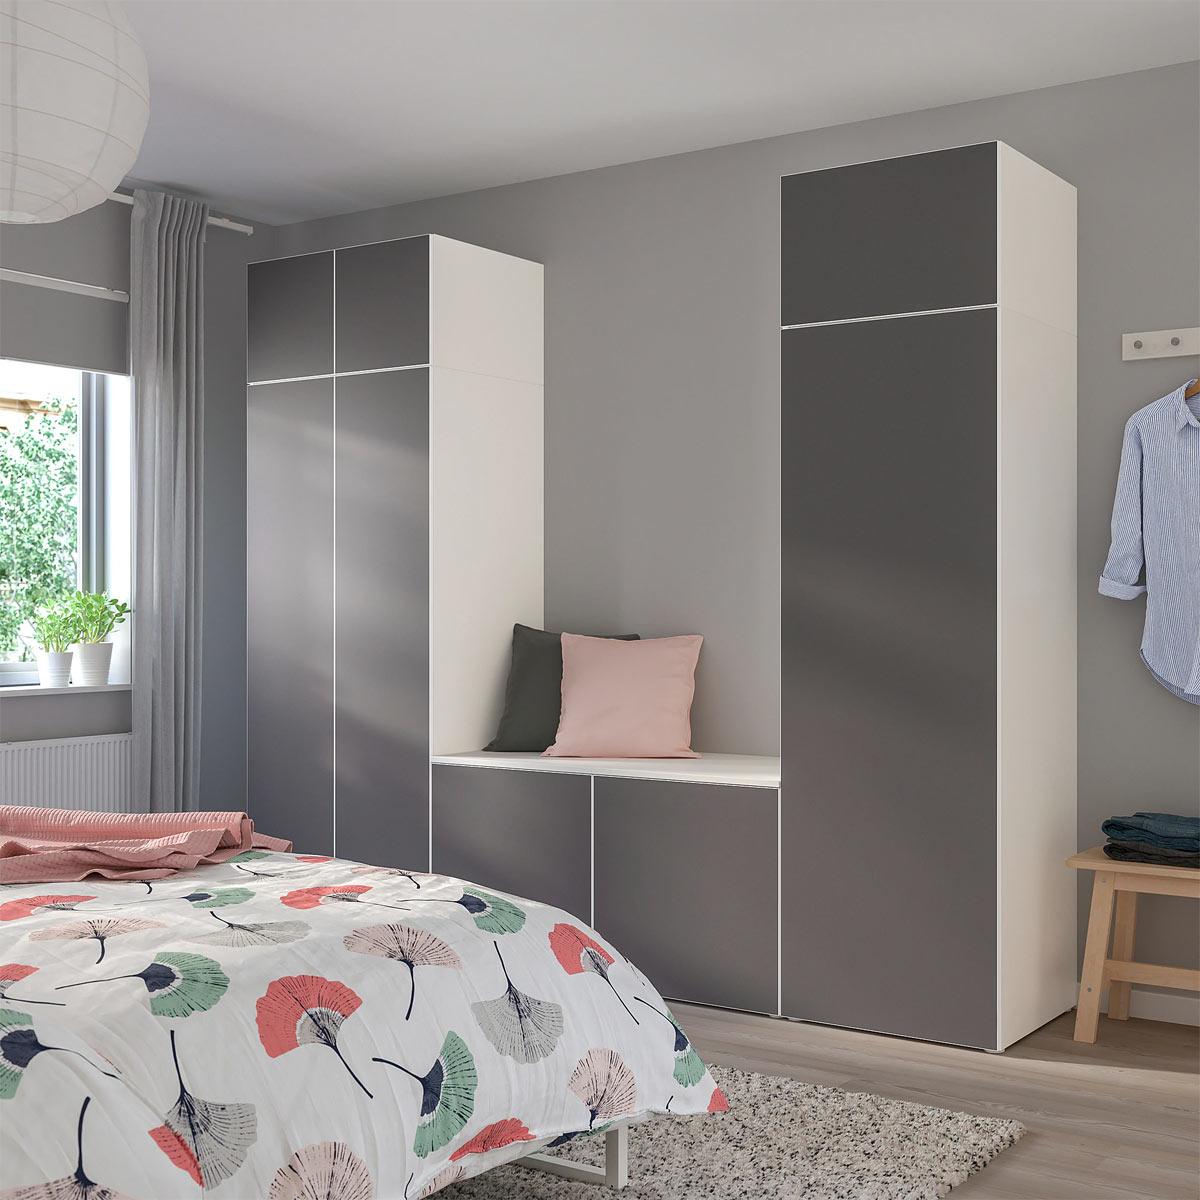 Armadi Ikea 12 Splendidi Modelli Per Arredare Le Camere Da Letto